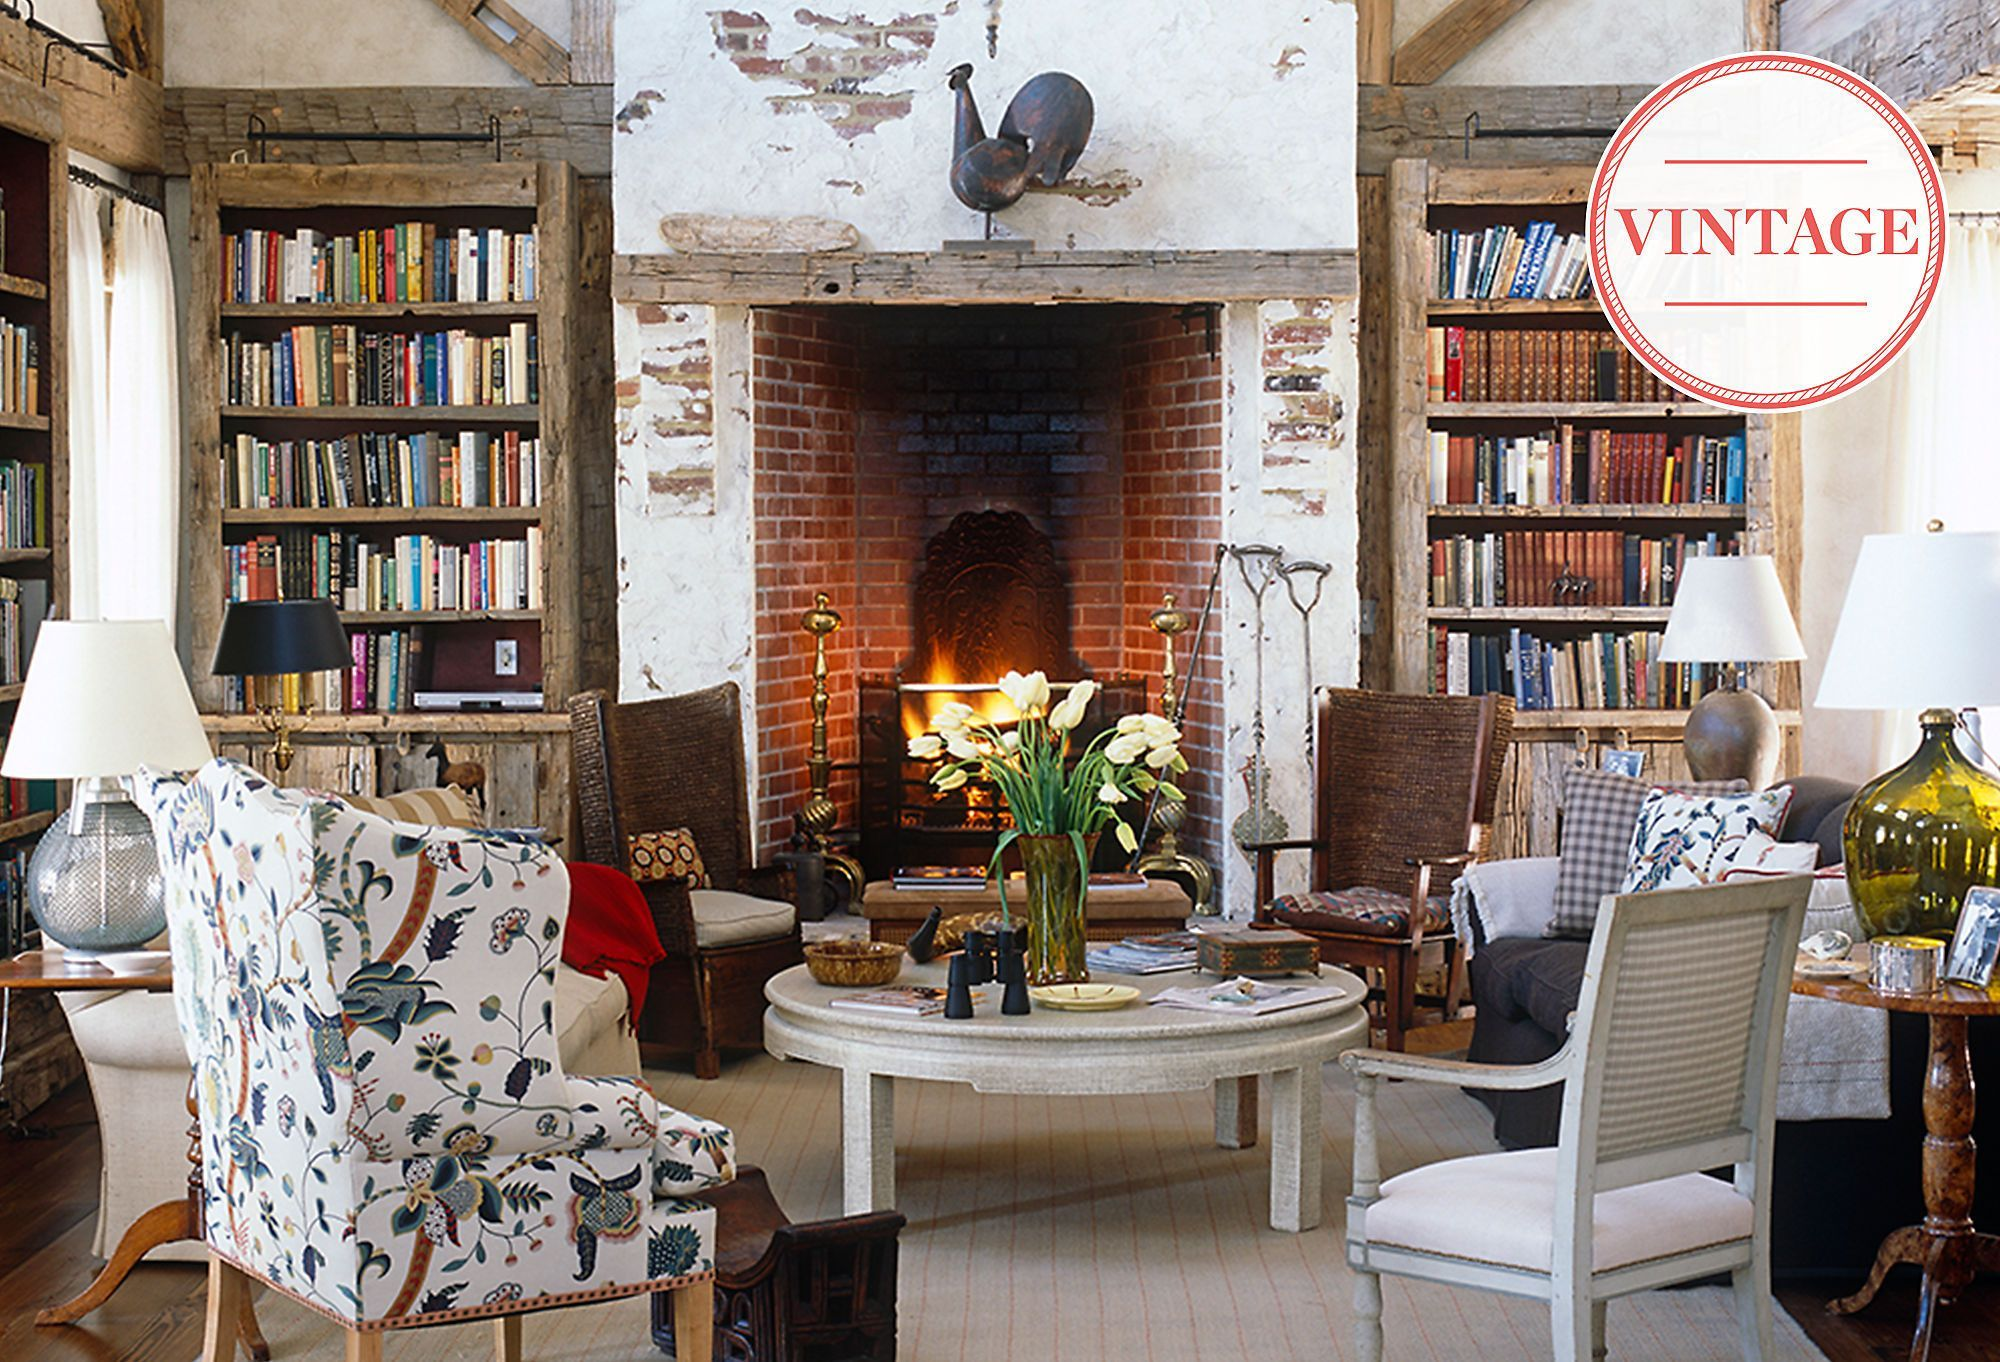 Classic american home interior american classic vintage farmhouse style  interiorexterior design